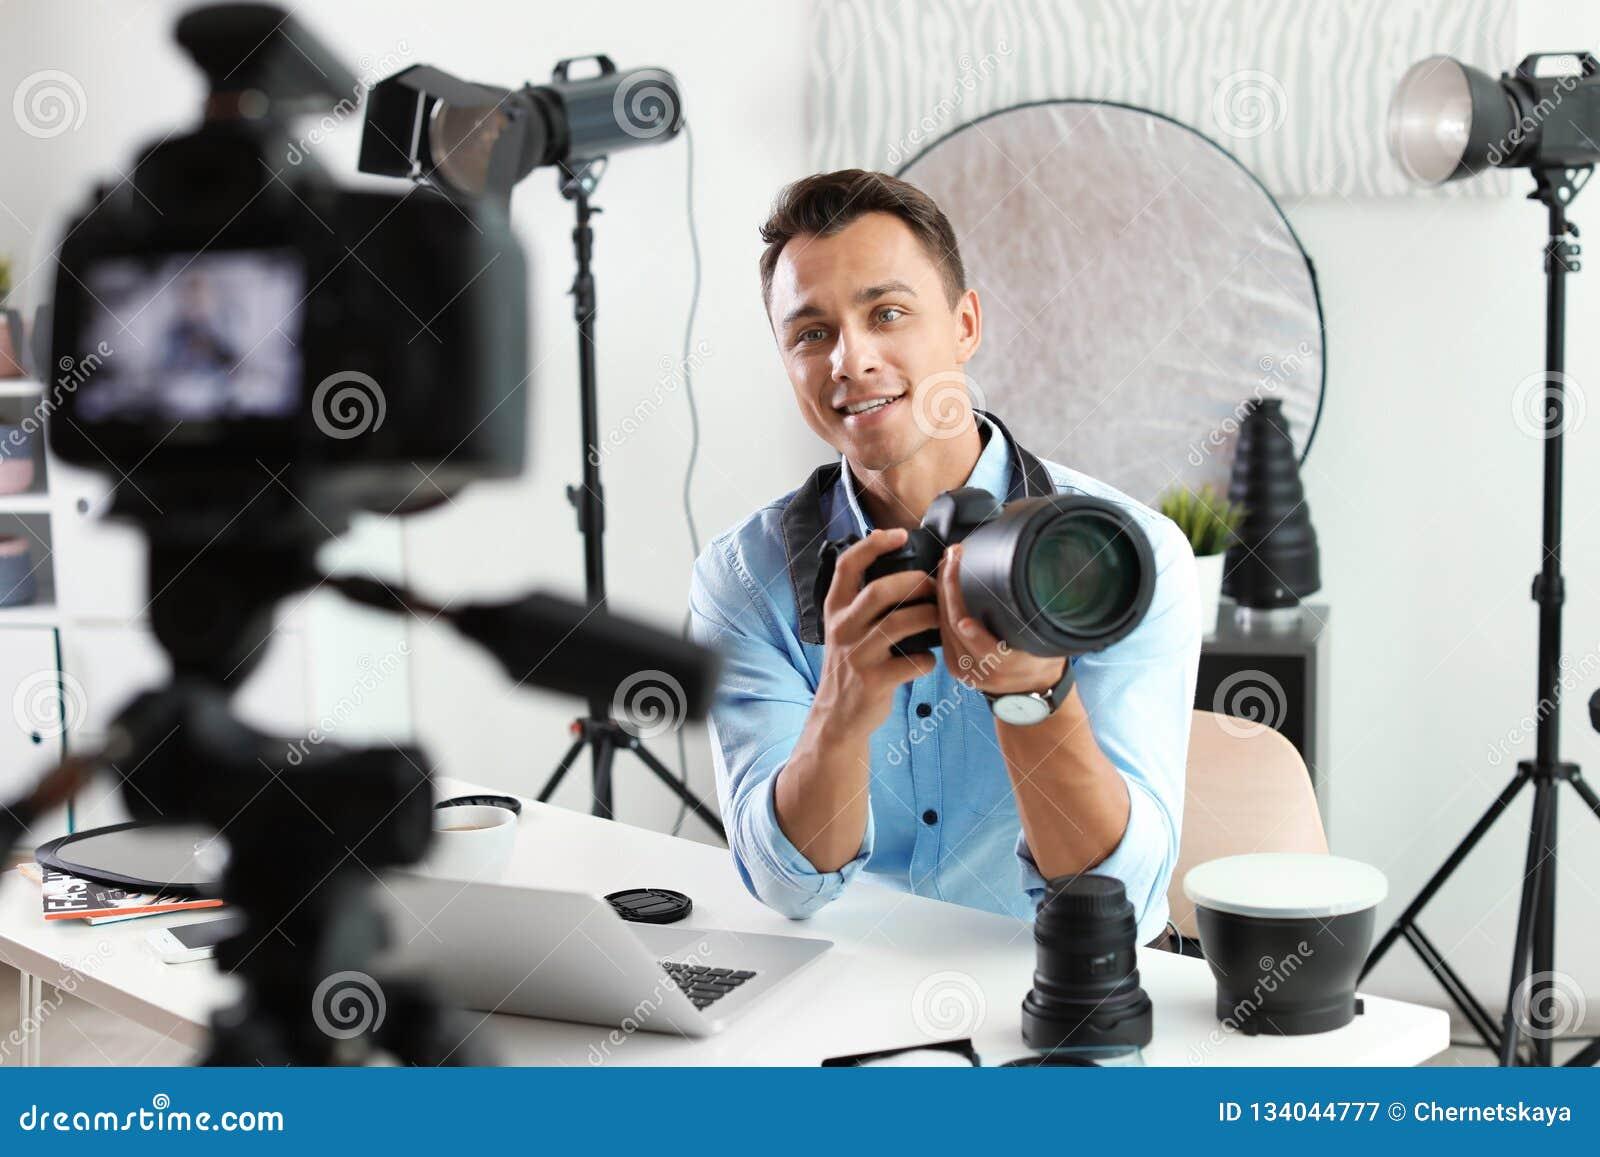 Vidéo de enregistrement de blogger masculin de photo sur la caméra